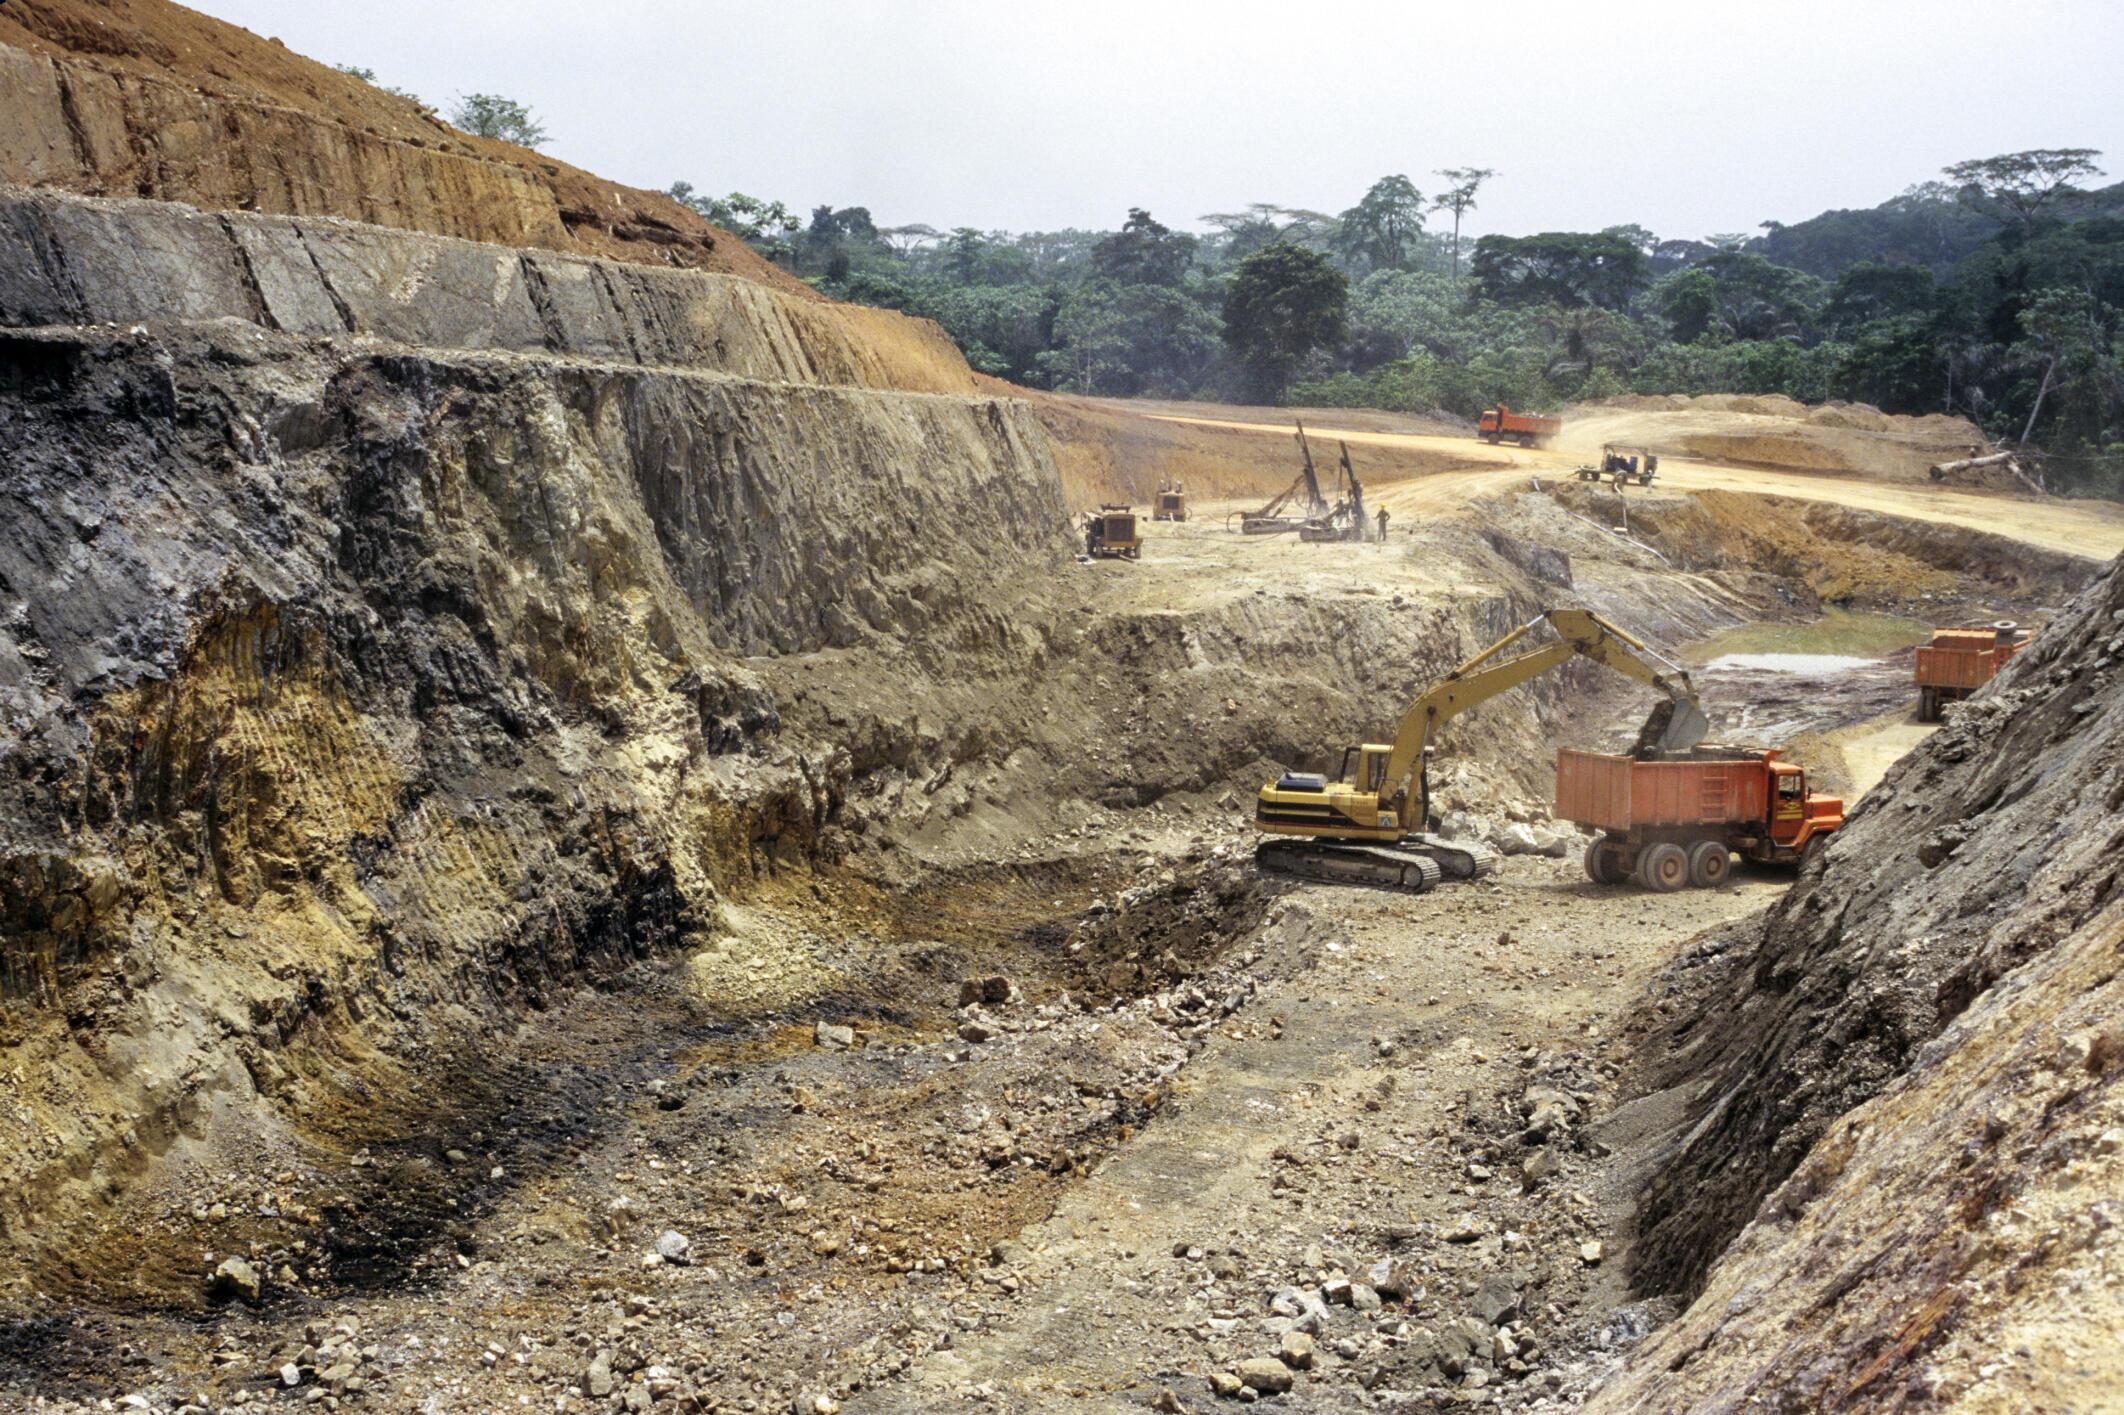 Une mine d'or à ciel ouvert de Côte d'Ivoire.